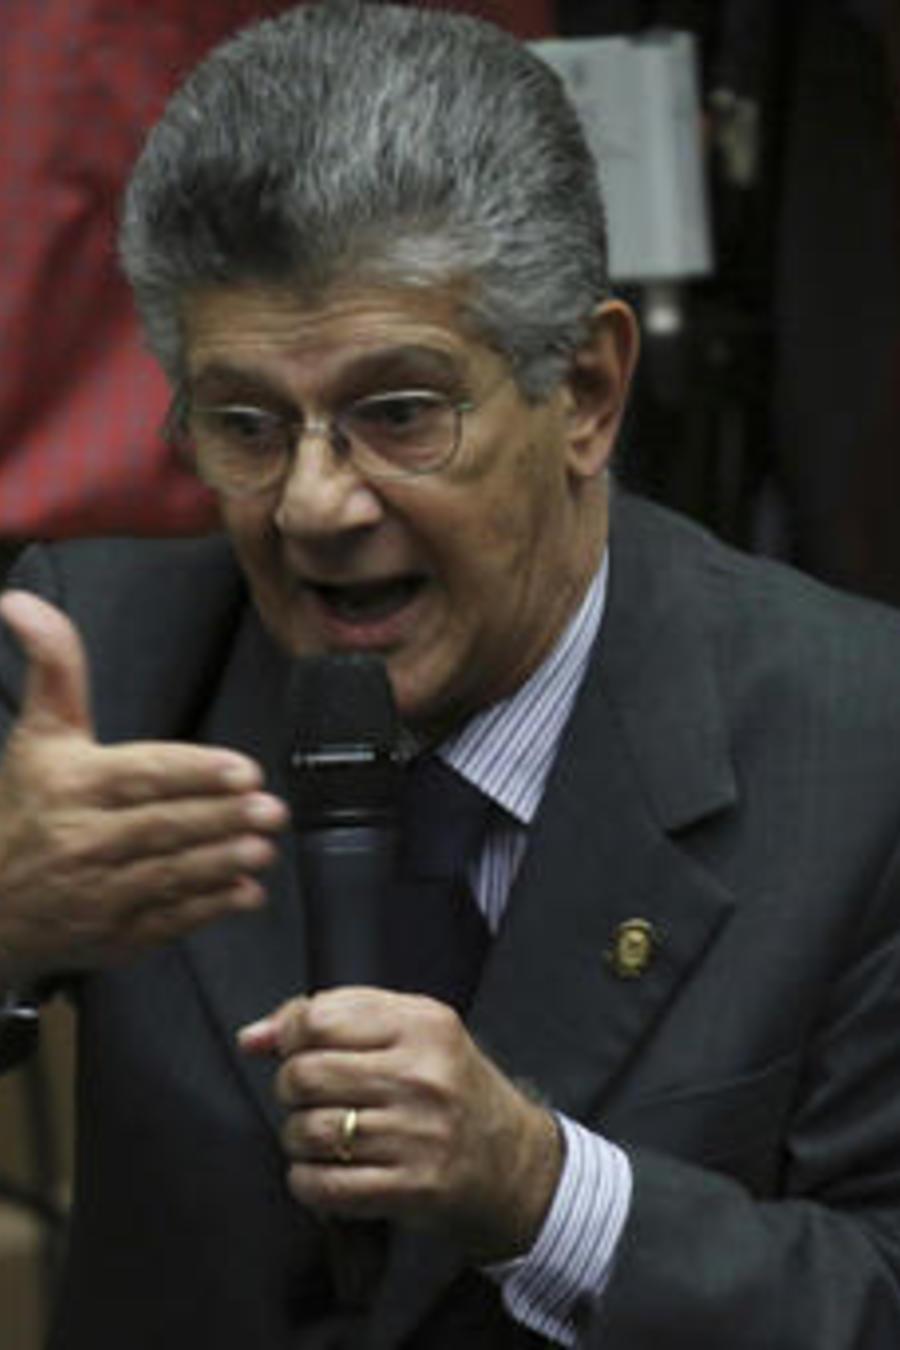 El diputado opositor Henry Ramos Allup durante sesión ante la Asamblea de Venezuela el 9 de enero de 2017.